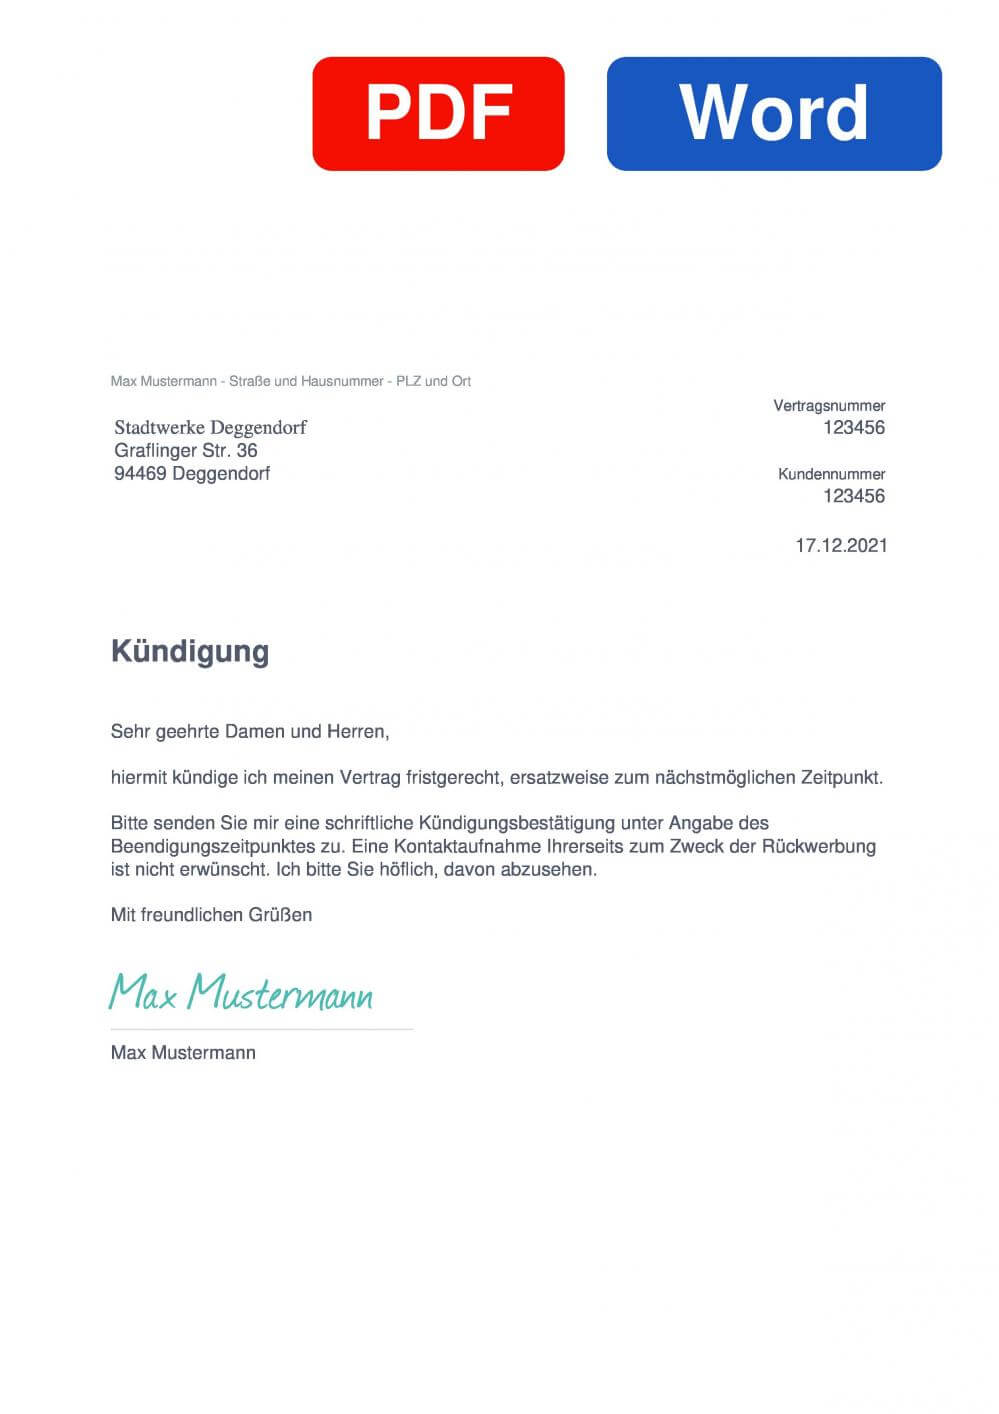 Stadtwerke Deggendorf Muster Vorlage für Kündigungsschreiben